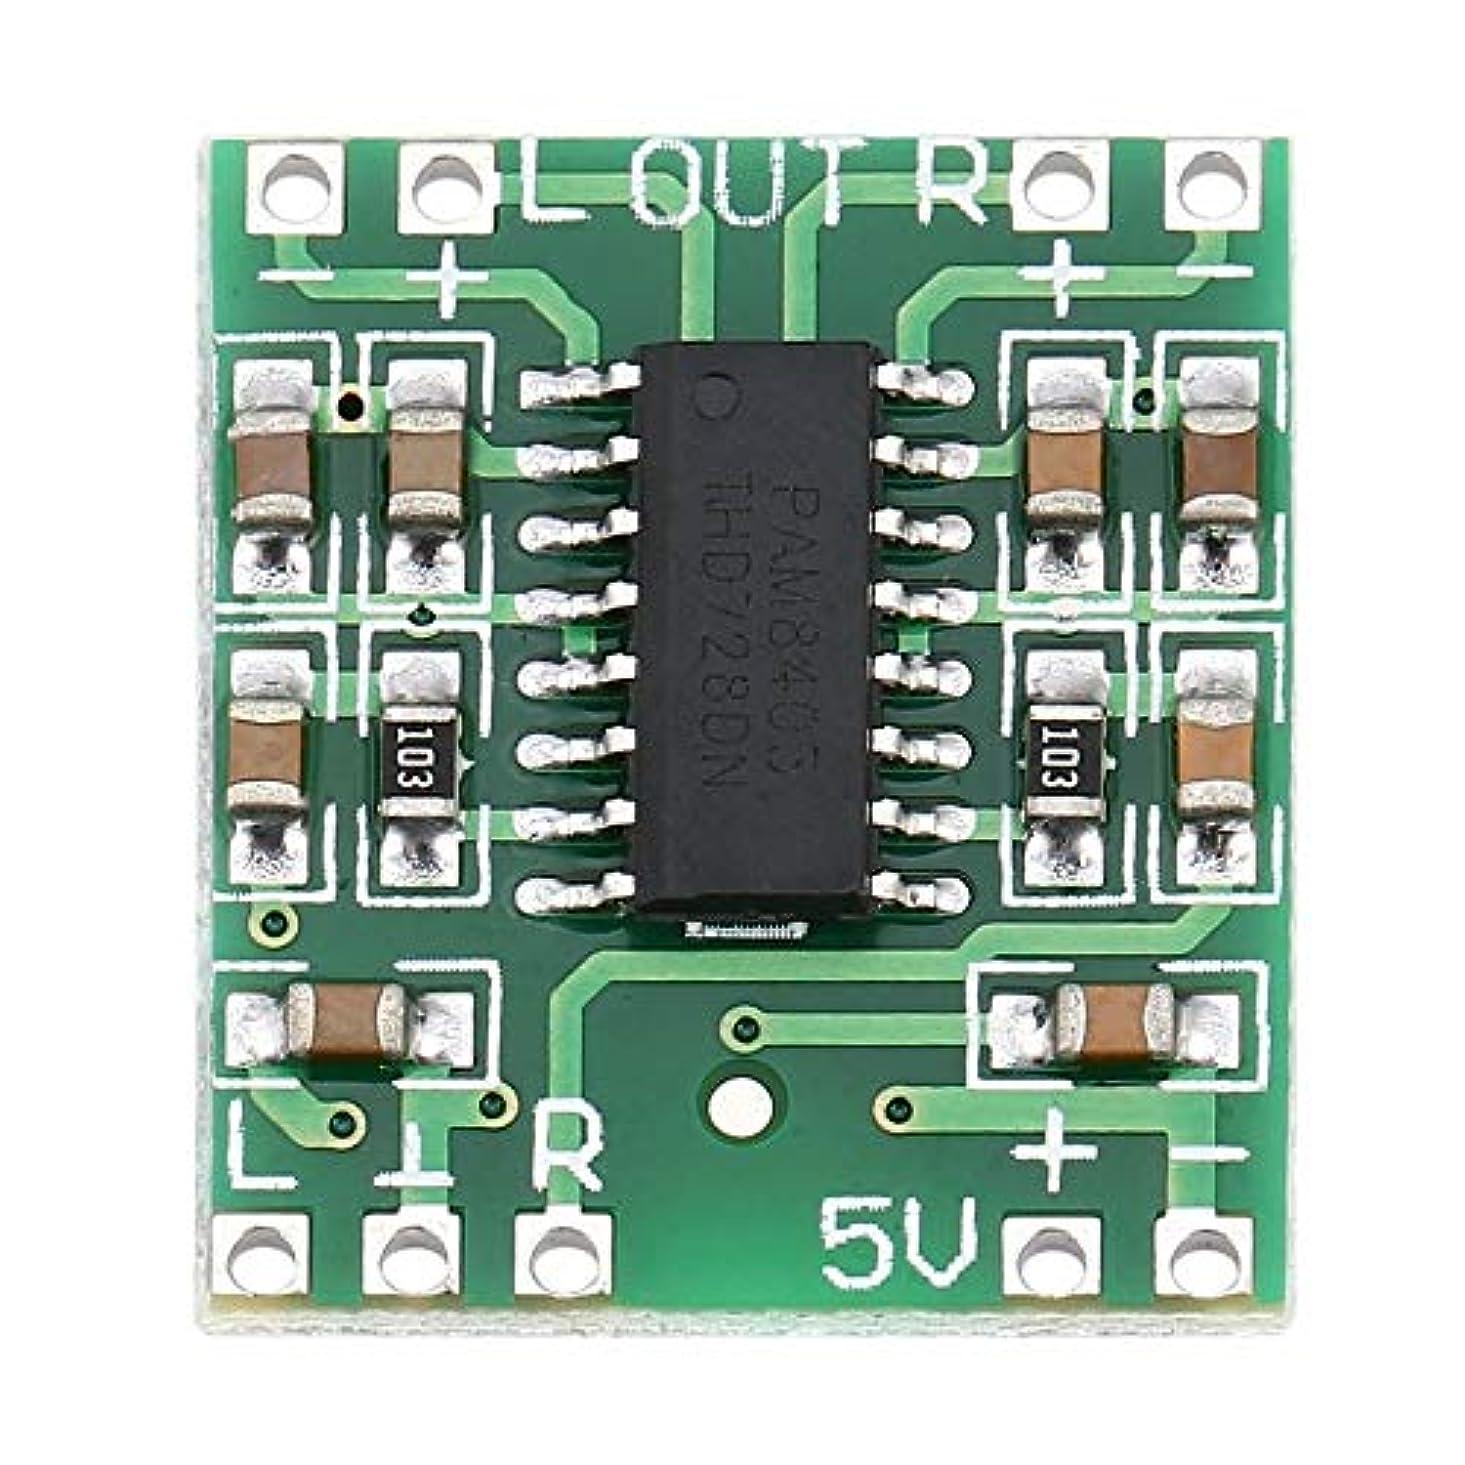 服を洗うきつく通行人2チャンネル3Wデジタル電源PAM8403 D級オーディオモジュールアンプボードUSB DC 5VミニD級デジタルアンプボードLCD(Color:green)